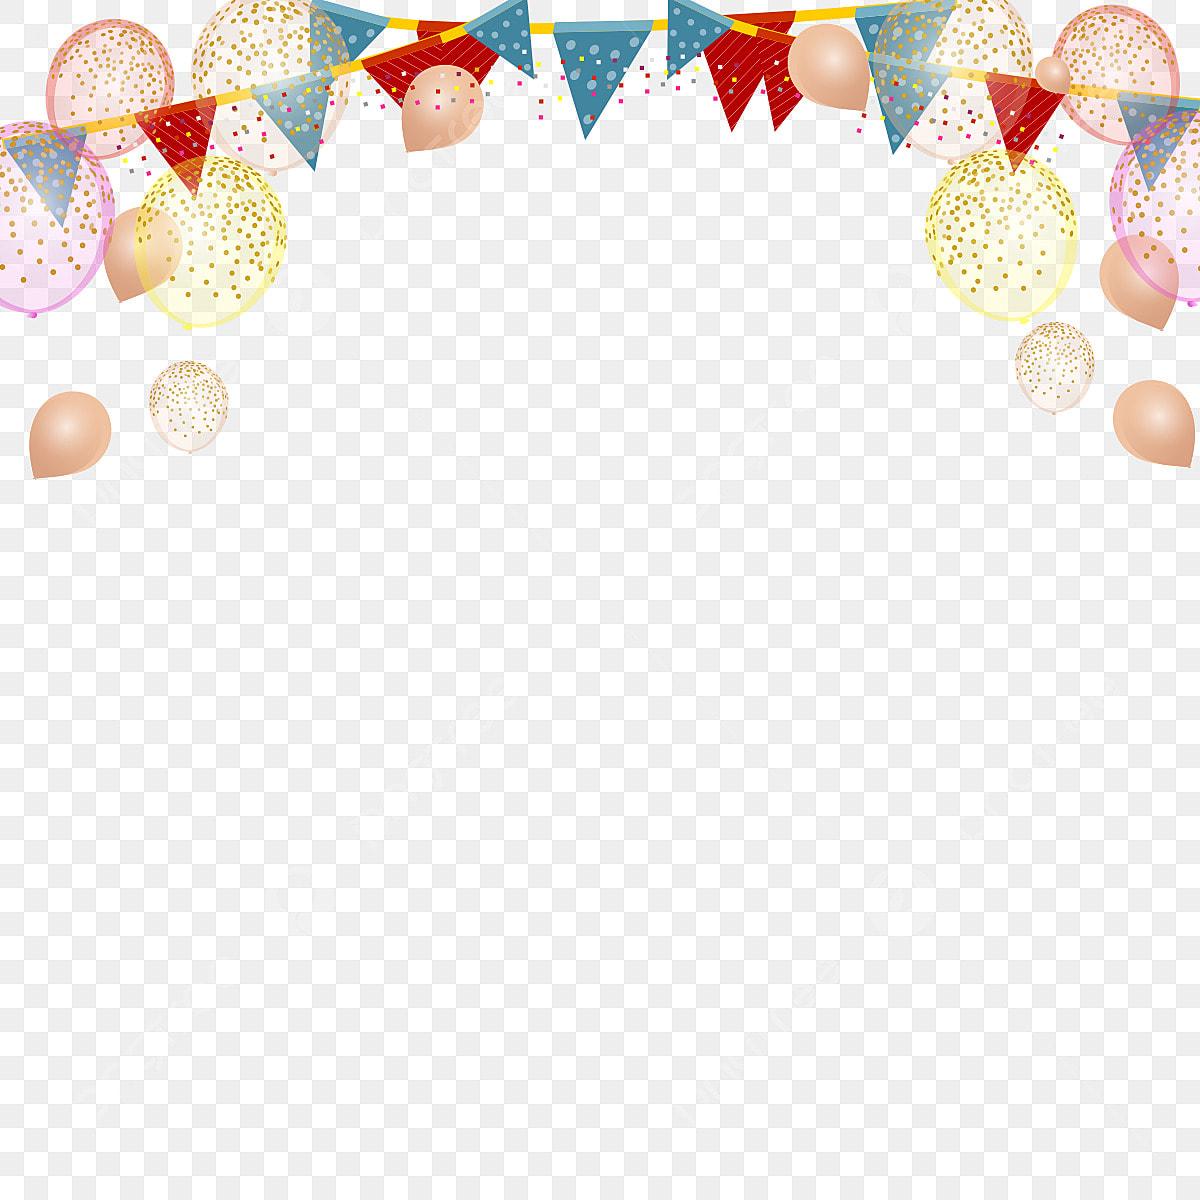 خلفية بيضاء أبيض الخلفية مادة Png صورة للتحميل مجانا